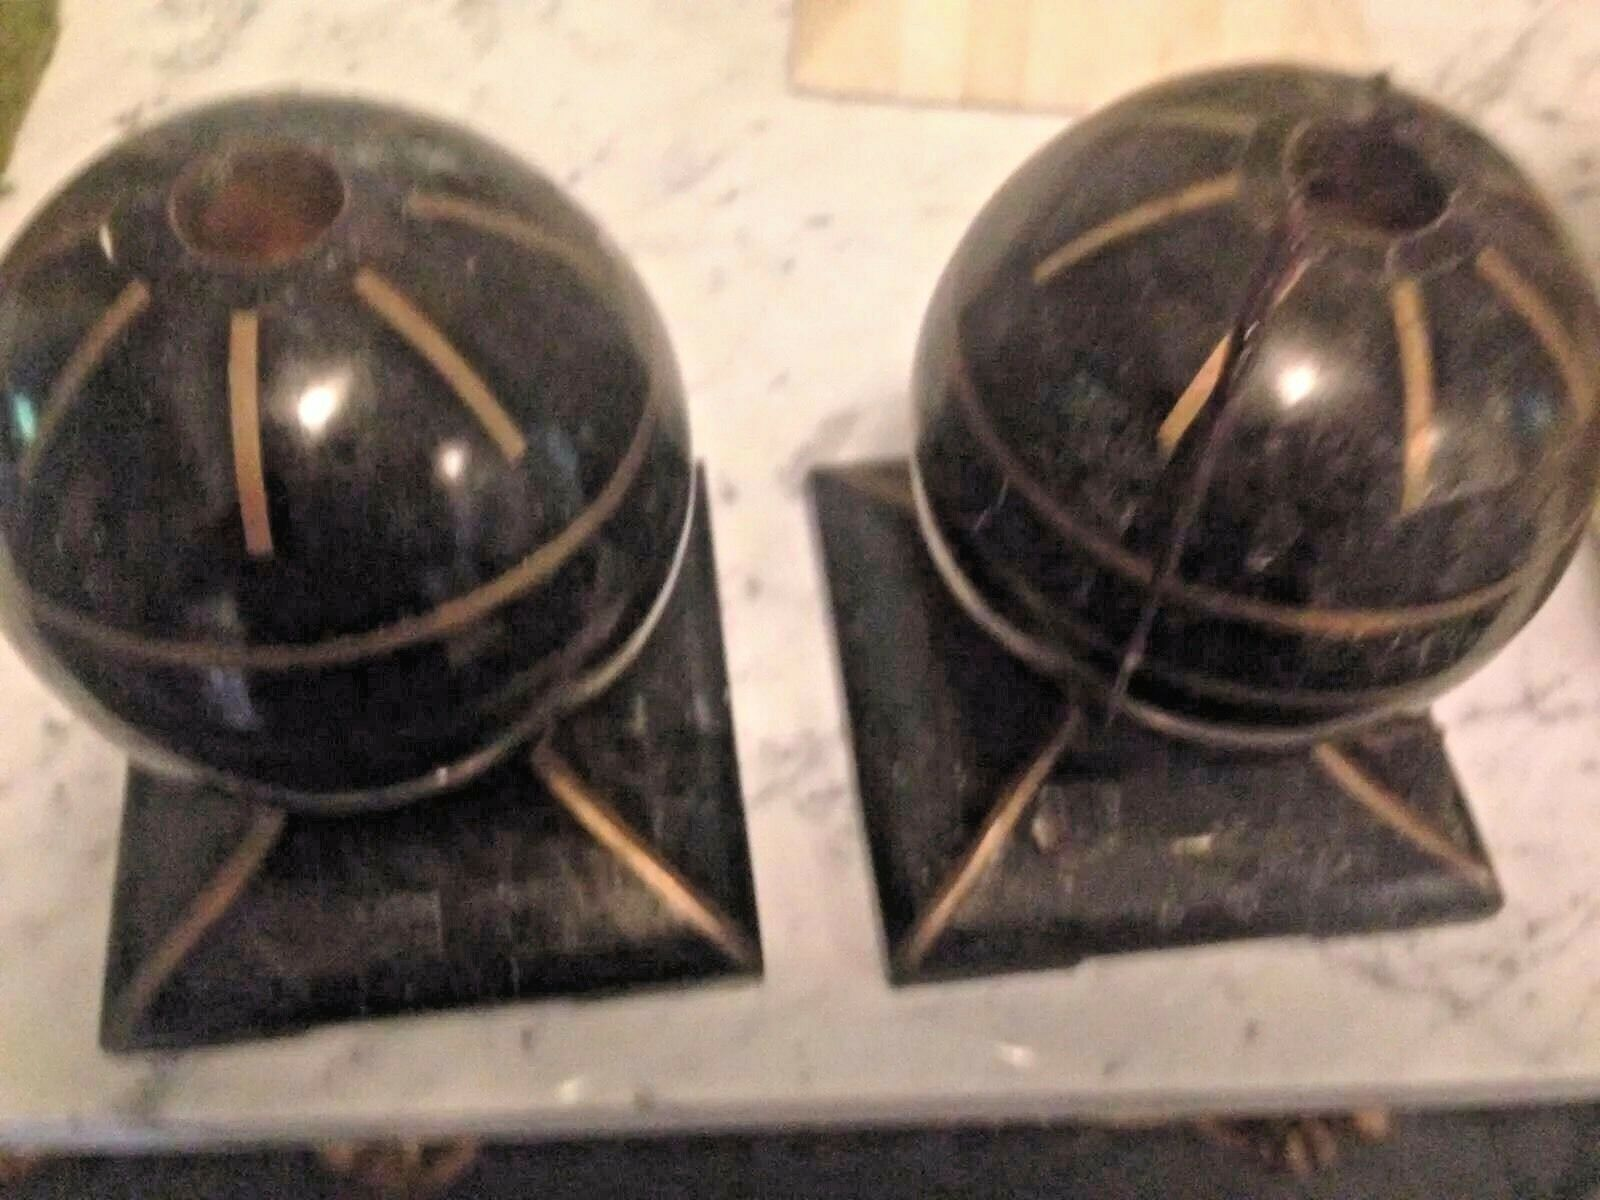 Maitland Smith Candelabros Negro oro Chapado en estilo artistico Piedra Latón Incrustación Vintge Venta